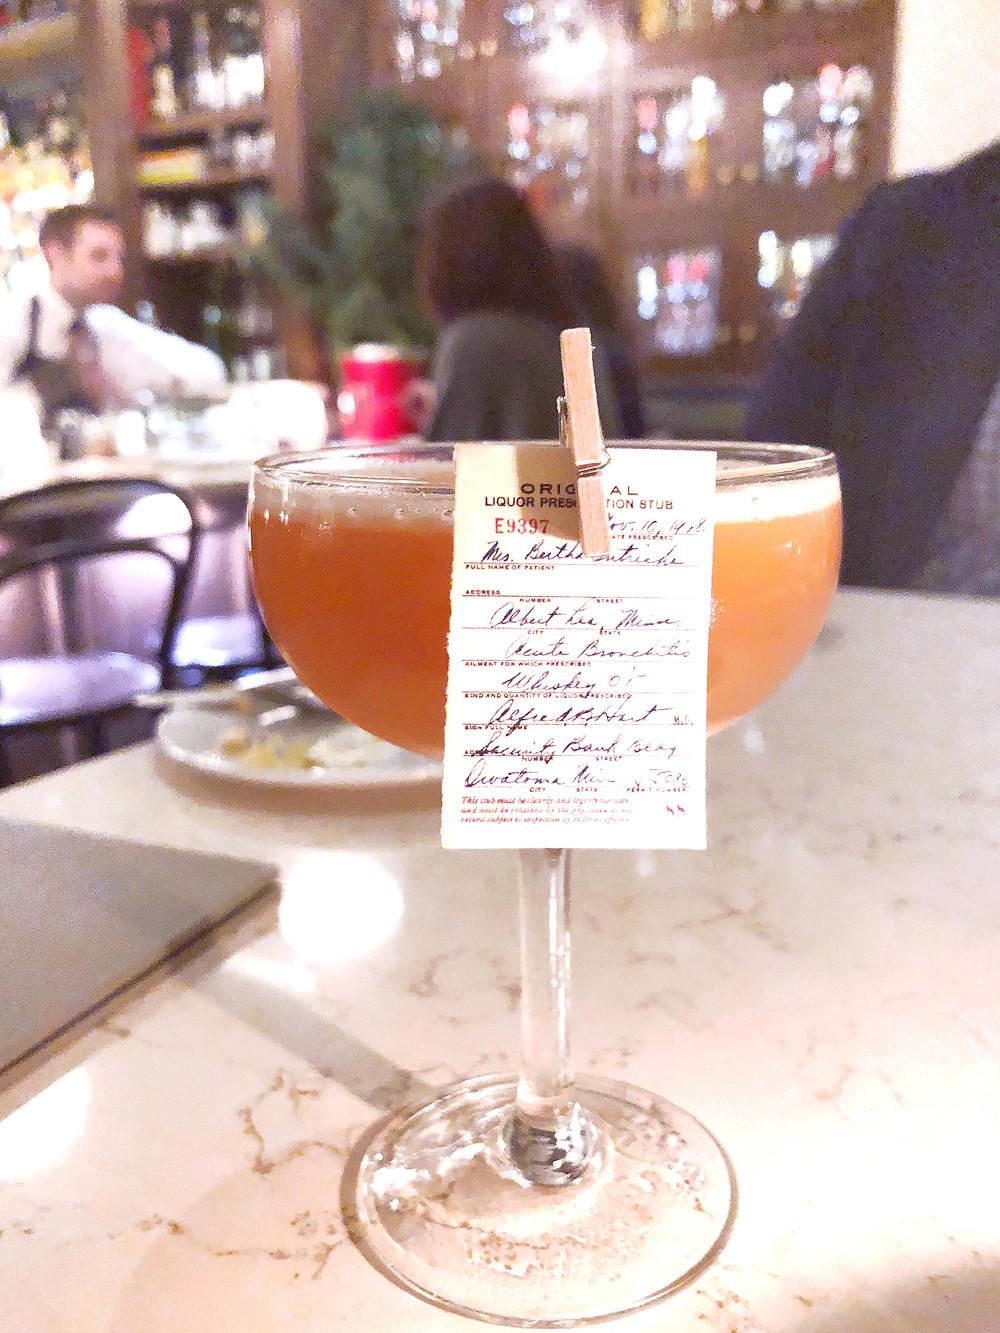 Clementine – Liquor Prescription Cocktail